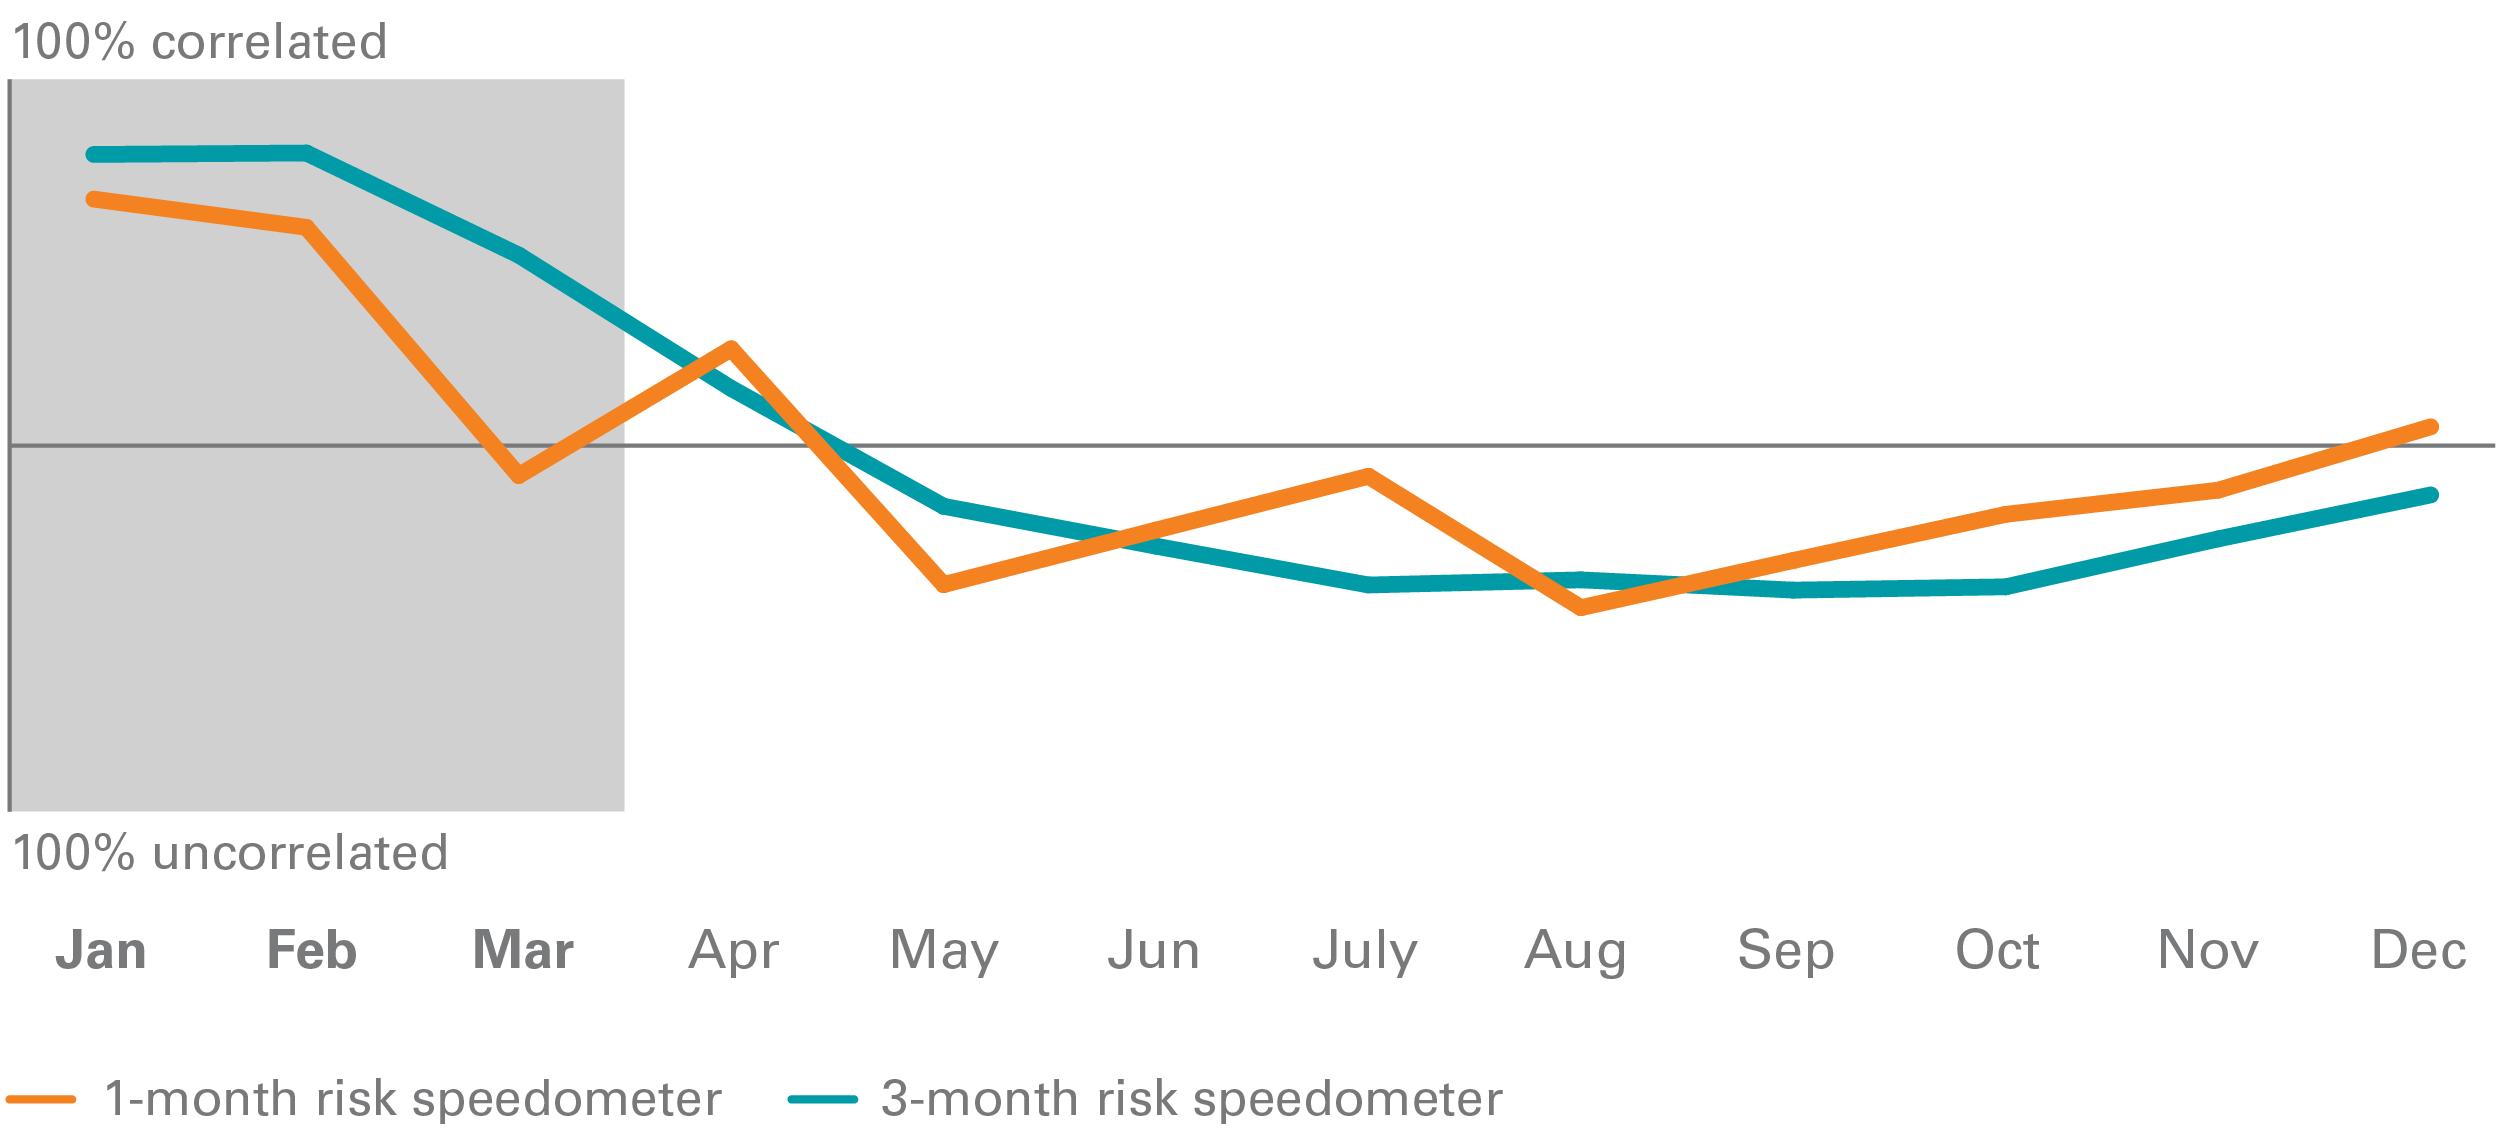 Vanguard Risk Speedometer 2017 In Review